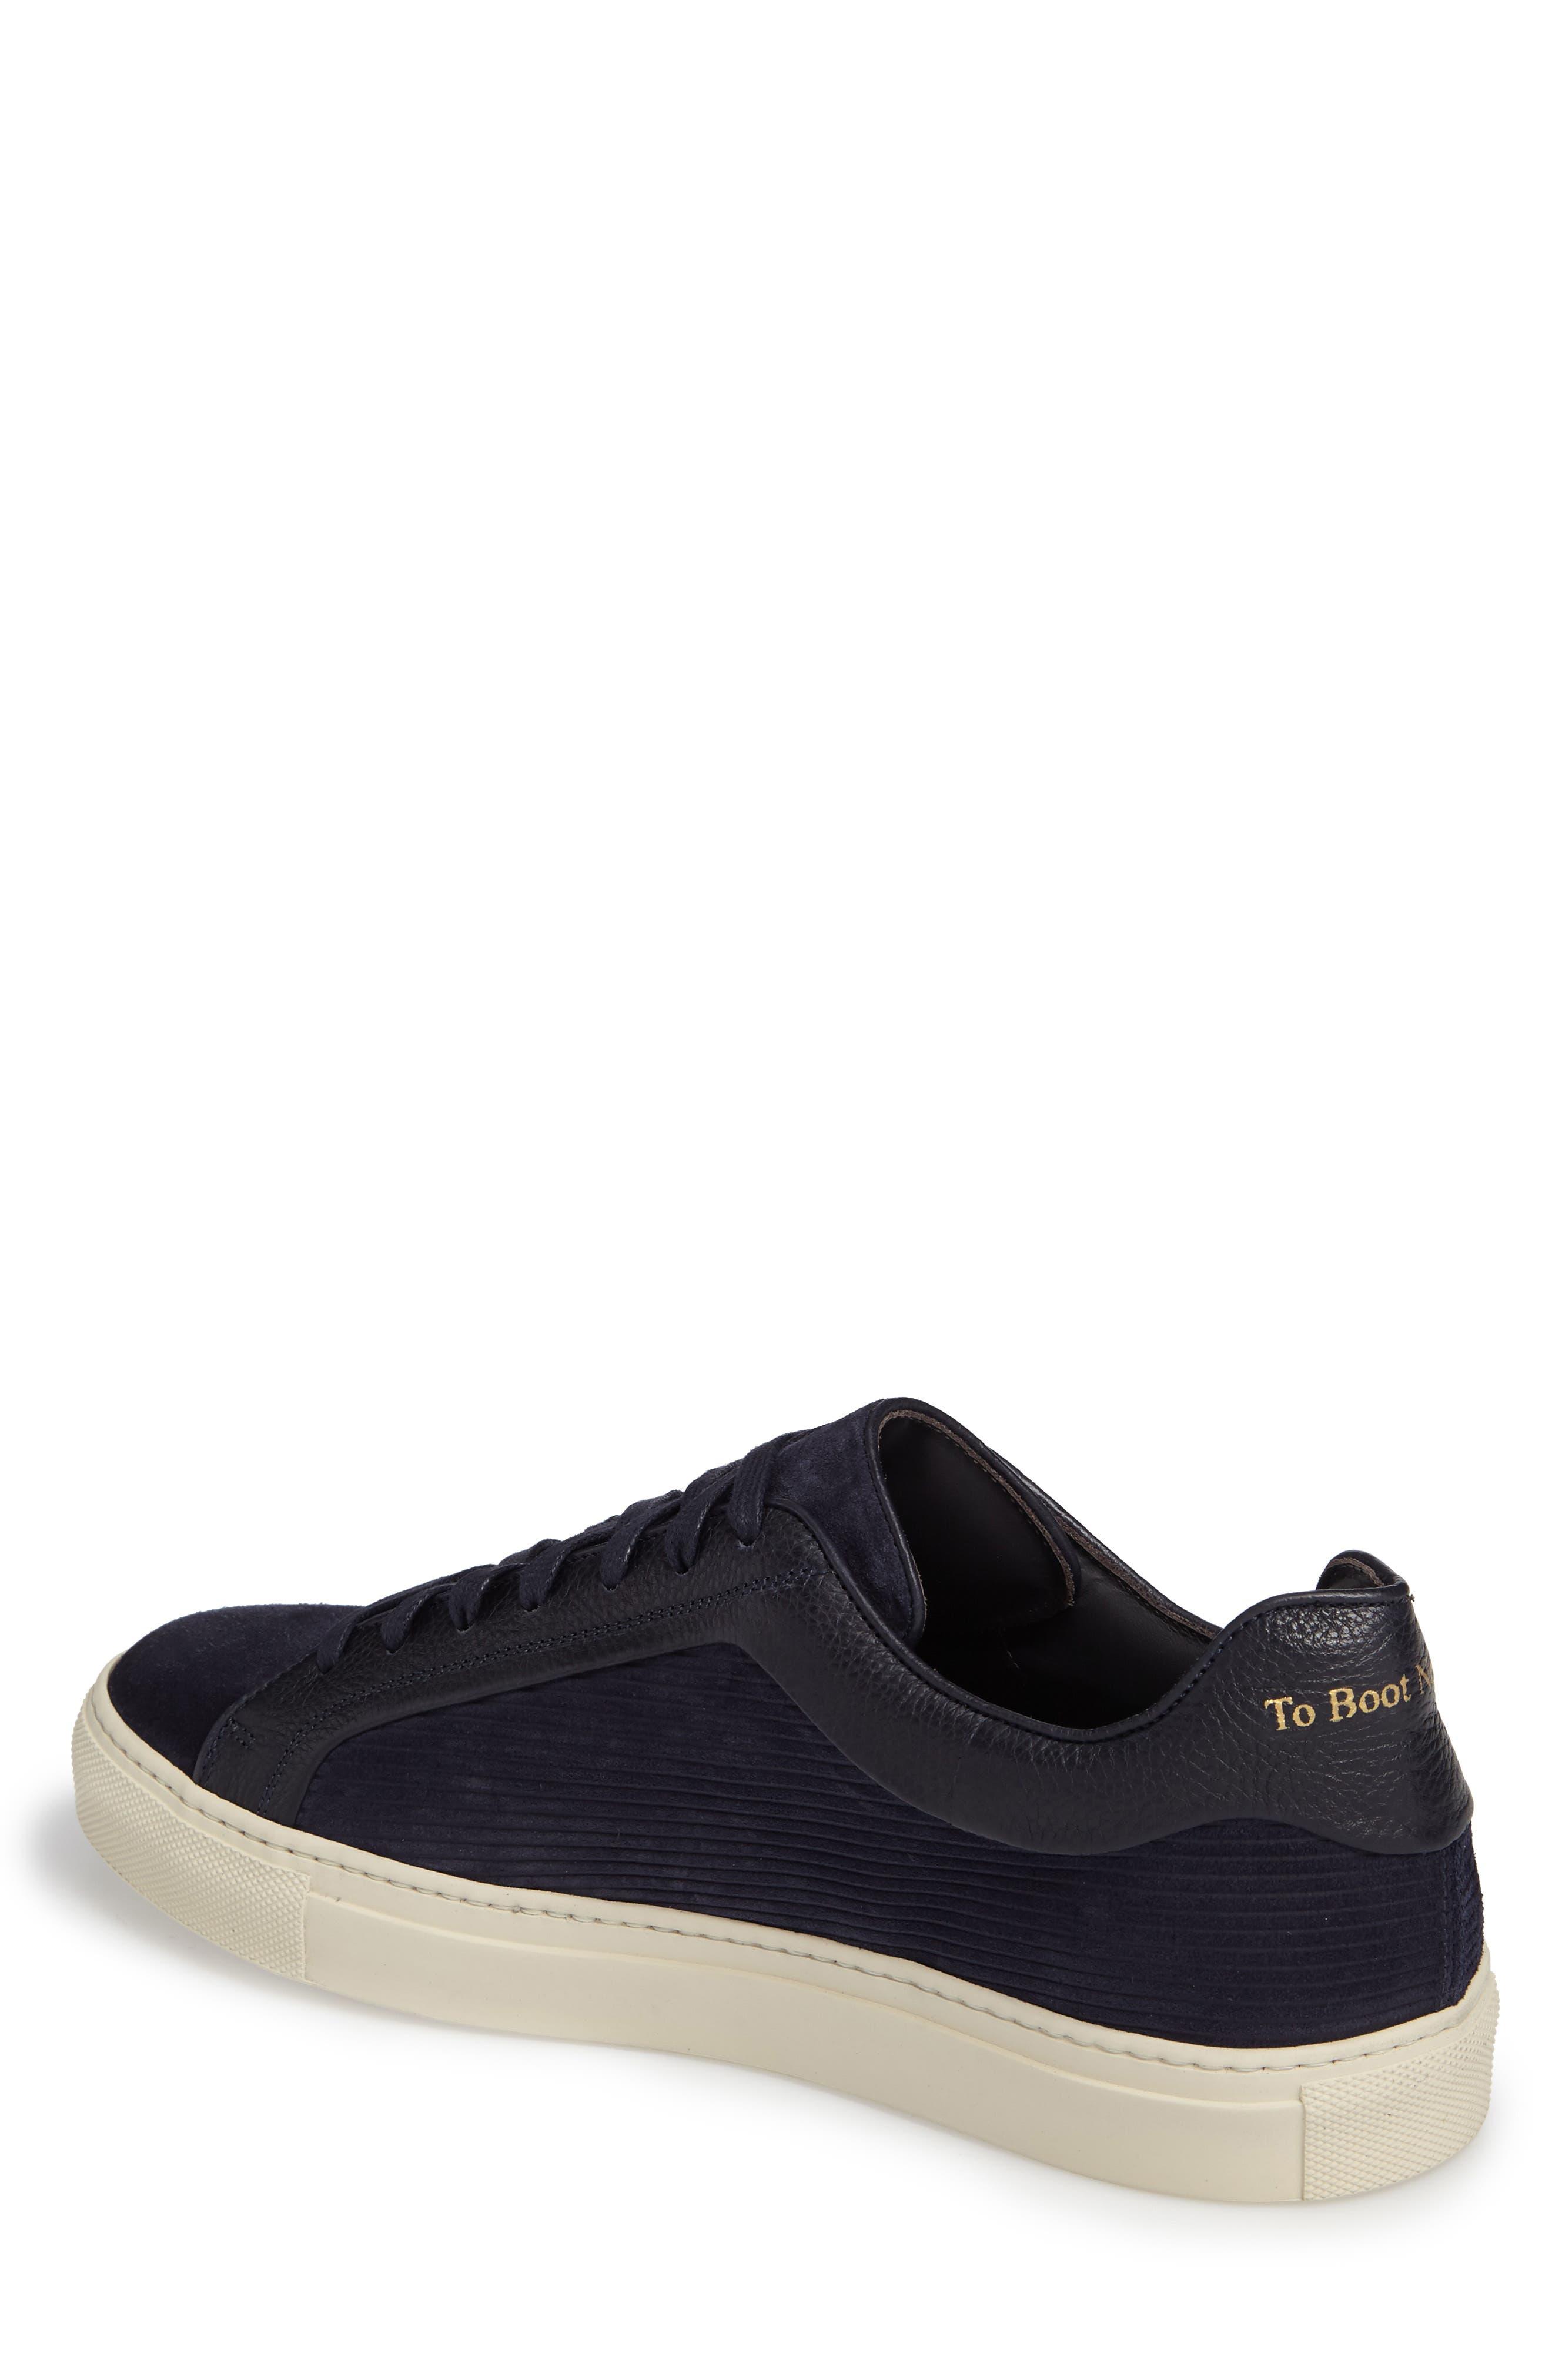 Marshall Sneaker,                             Alternate thumbnail 15, color,